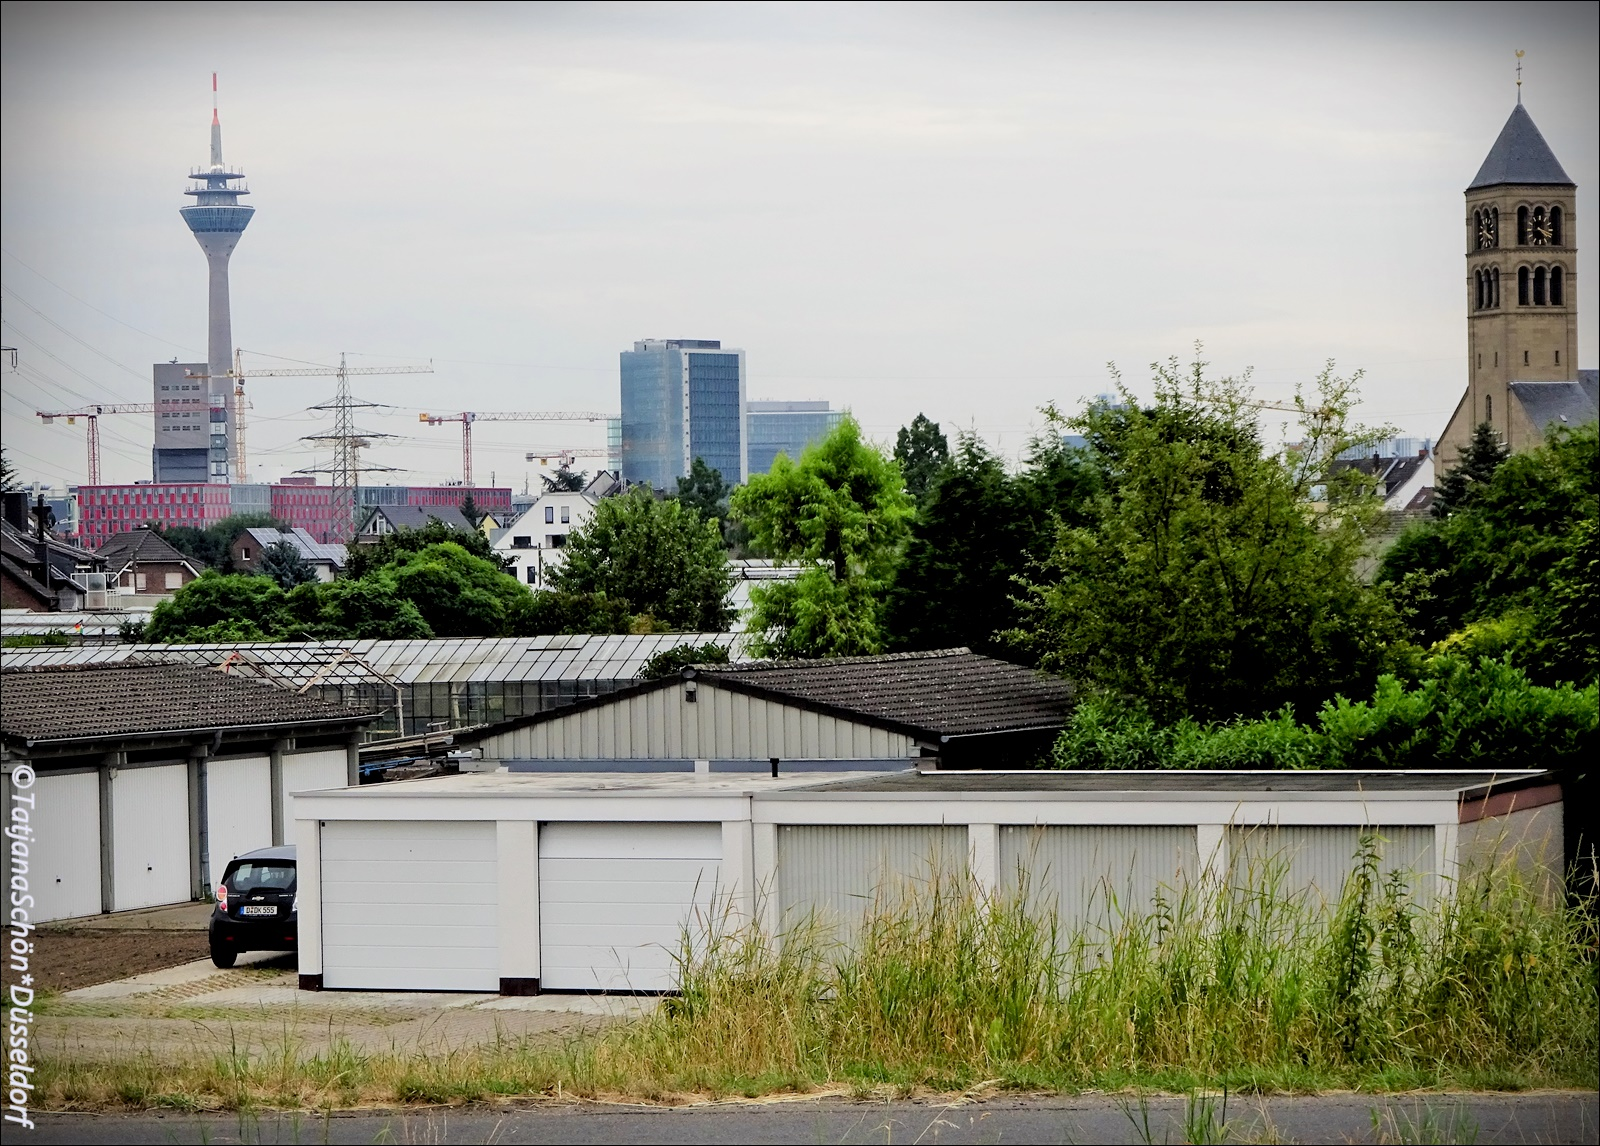 Вид на дюссельдорфскую телебашню из района Хамм